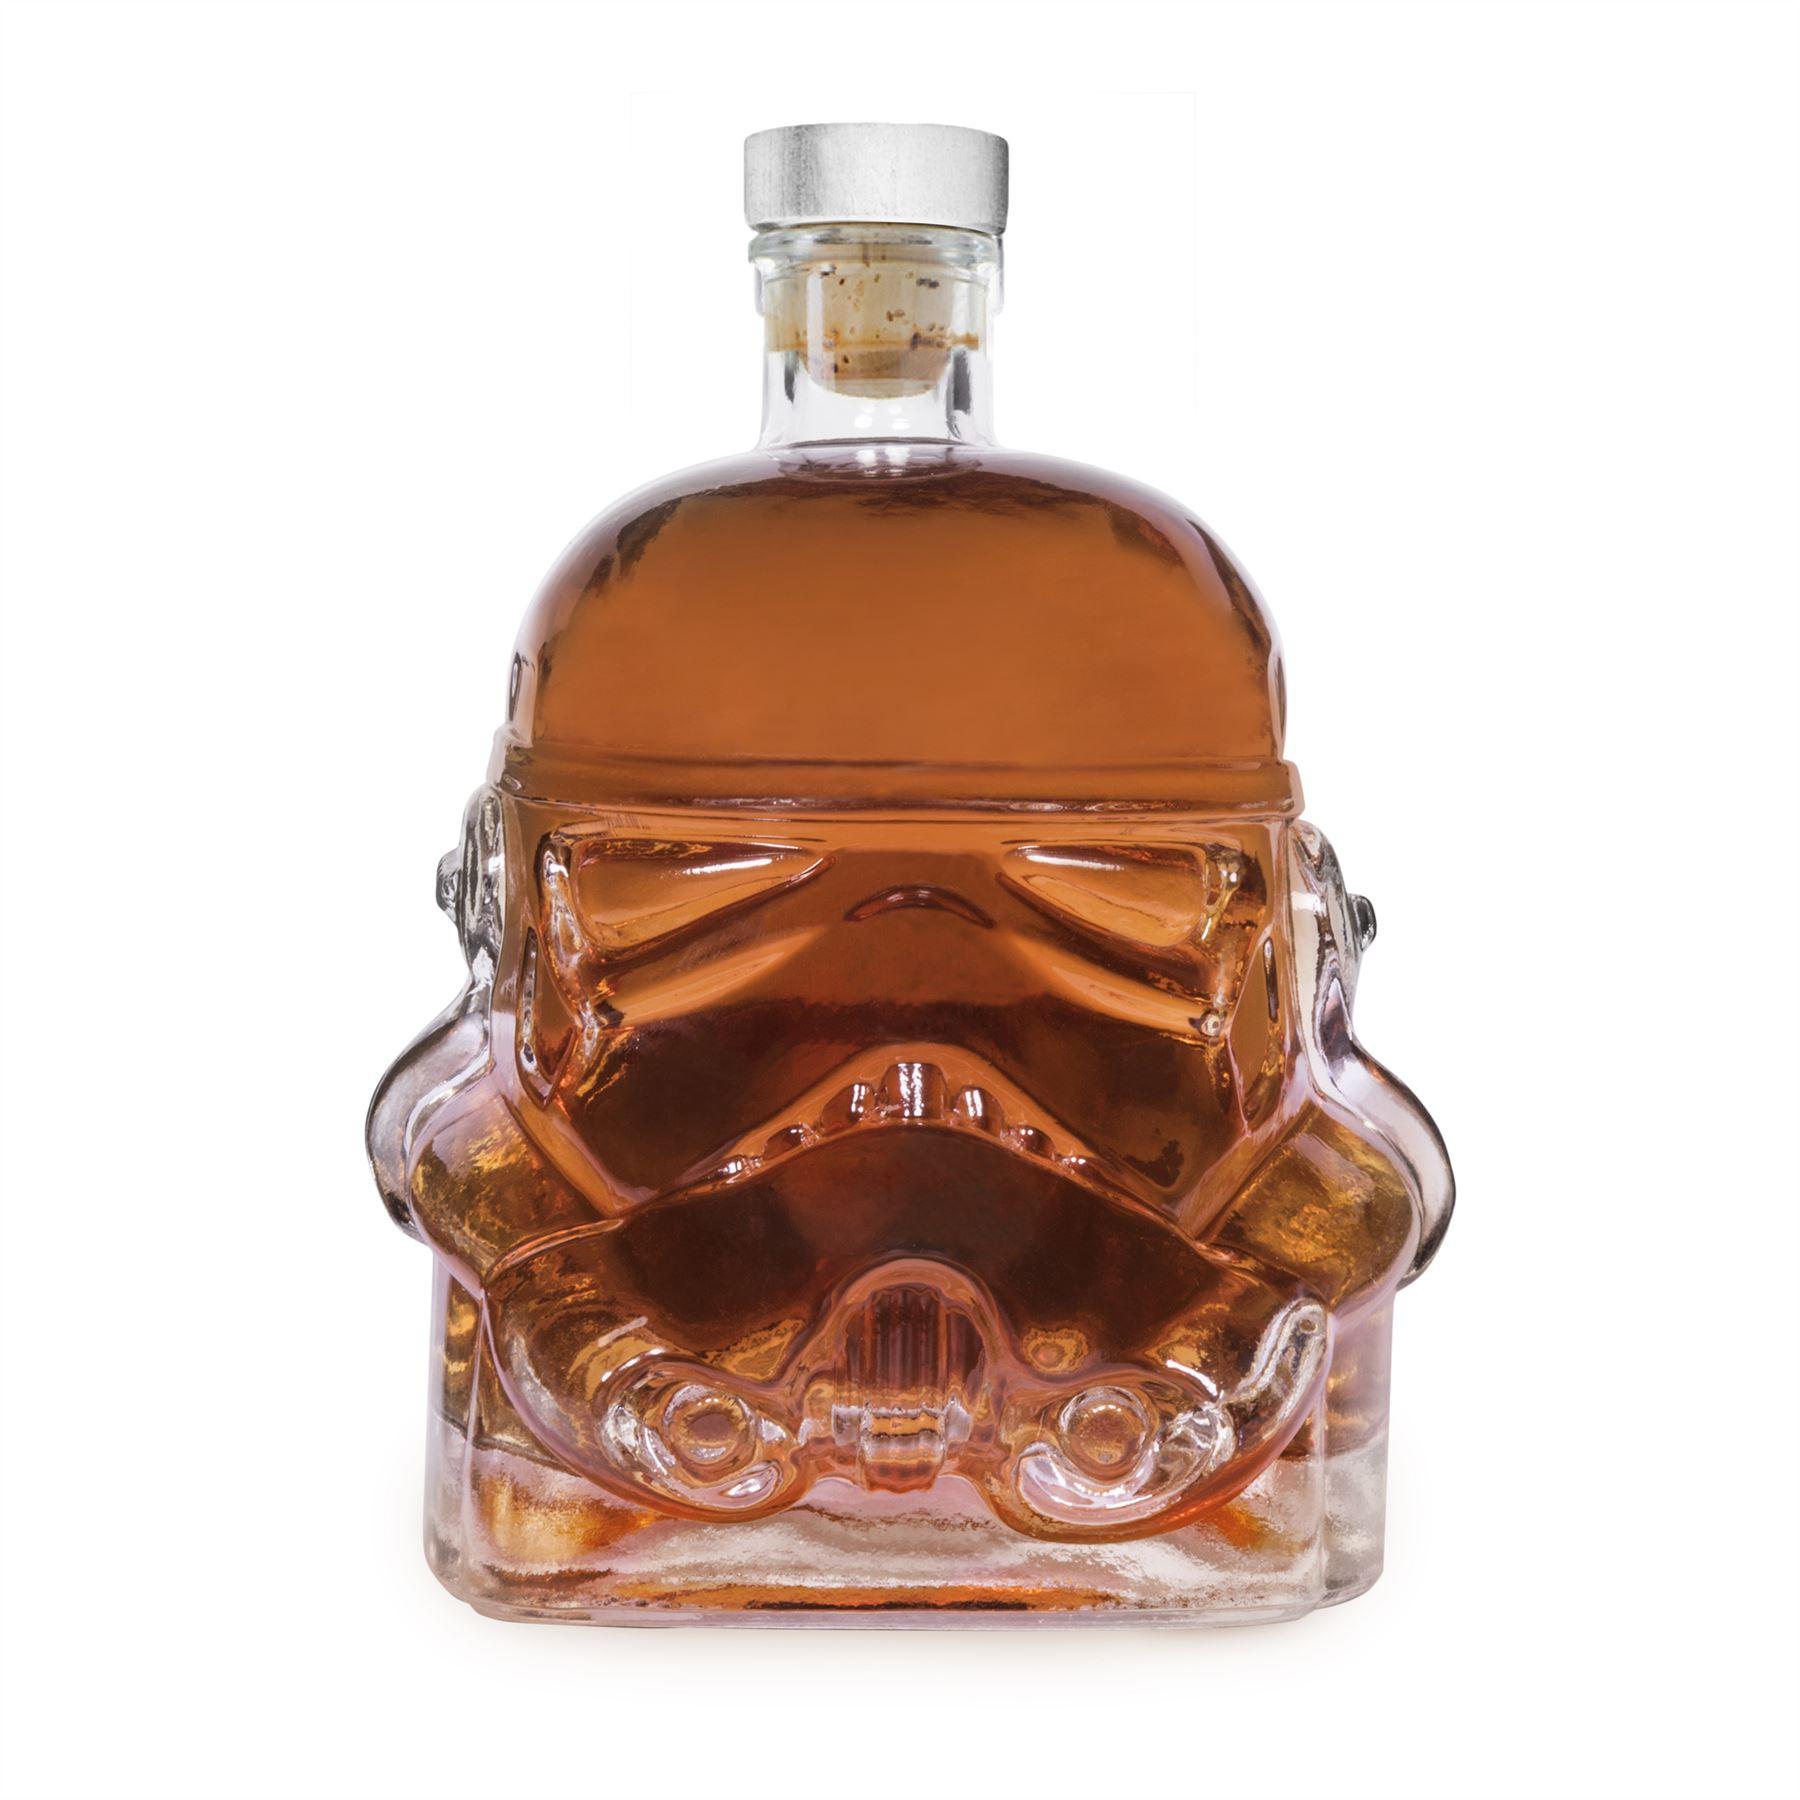 star wars storm trooper glass drinks decanter whisky. Black Bedroom Furniture Sets. Home Design Ideas